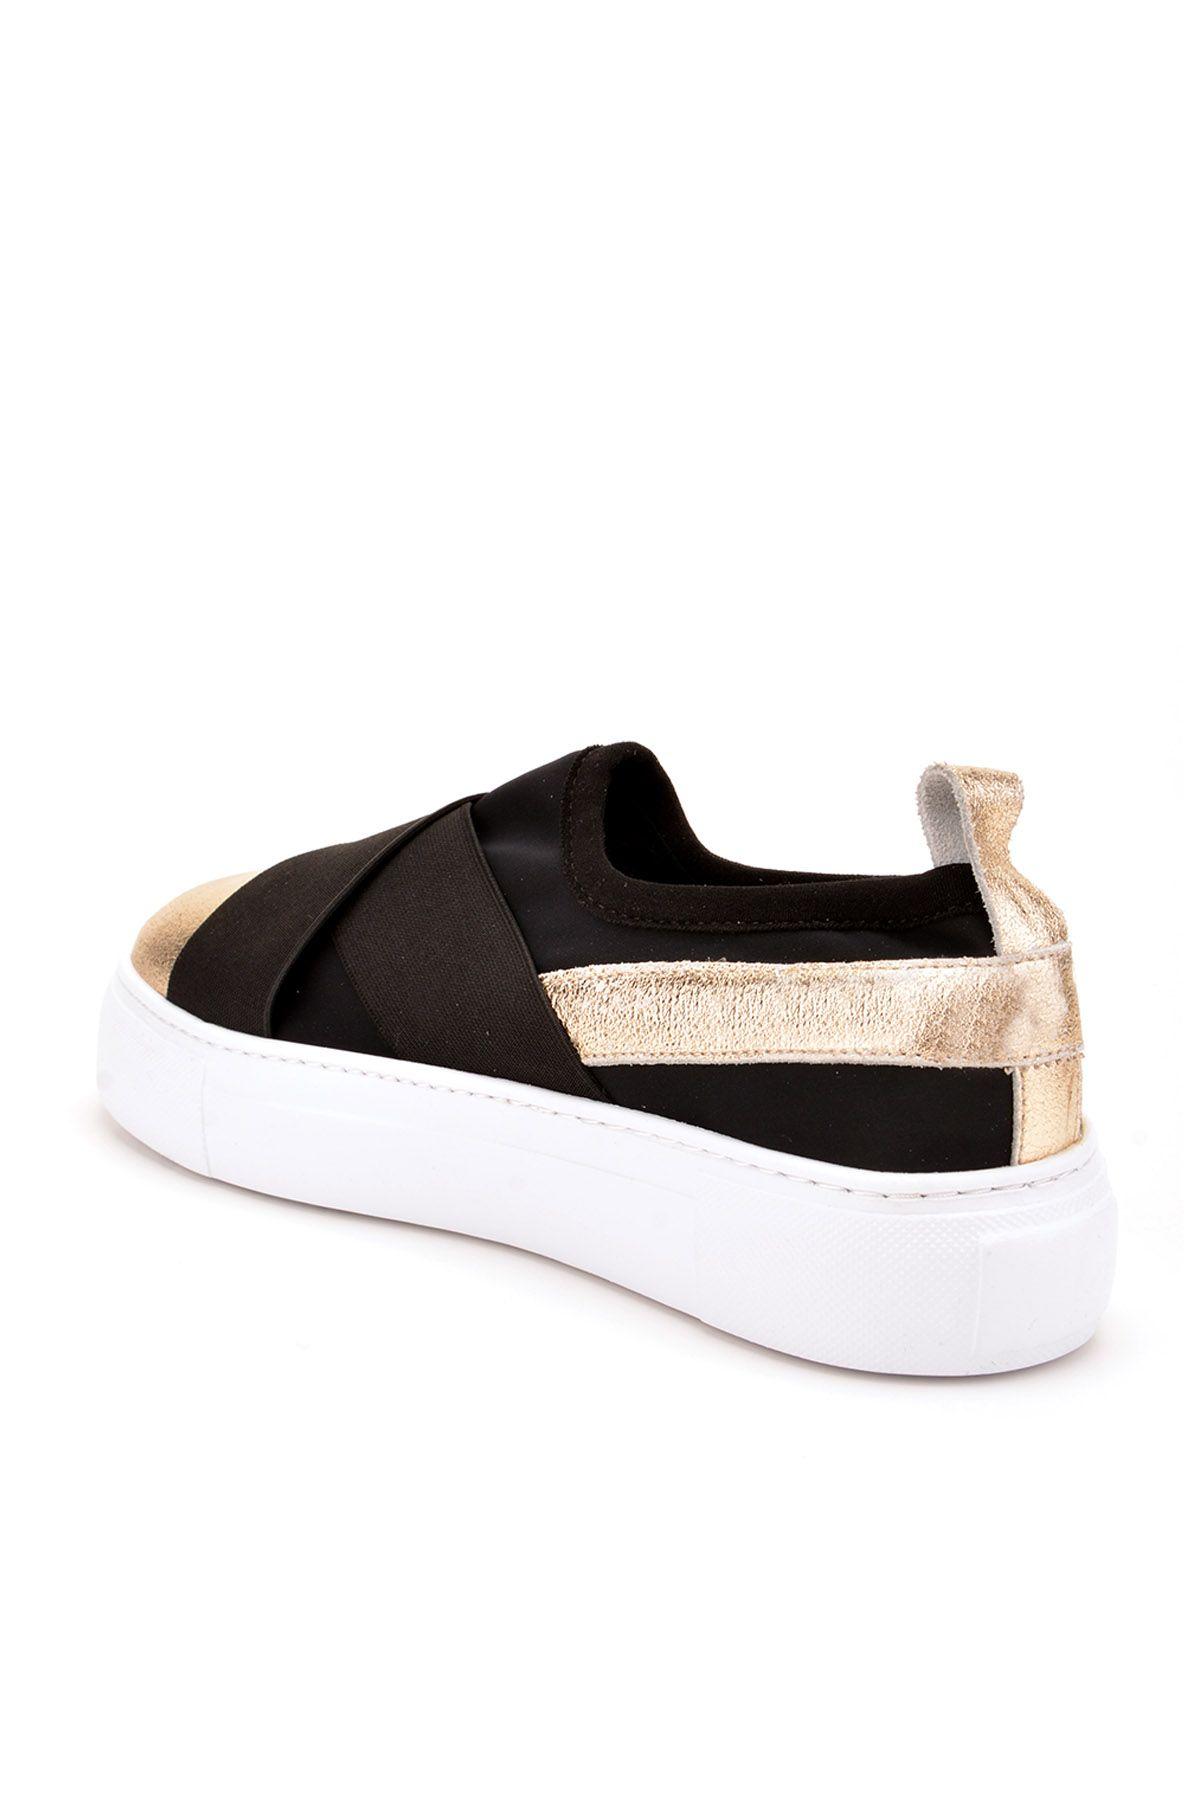 Pegia Voyage Hakiki Deri Bayan Günlük Ayakkabı REC-011 Altın